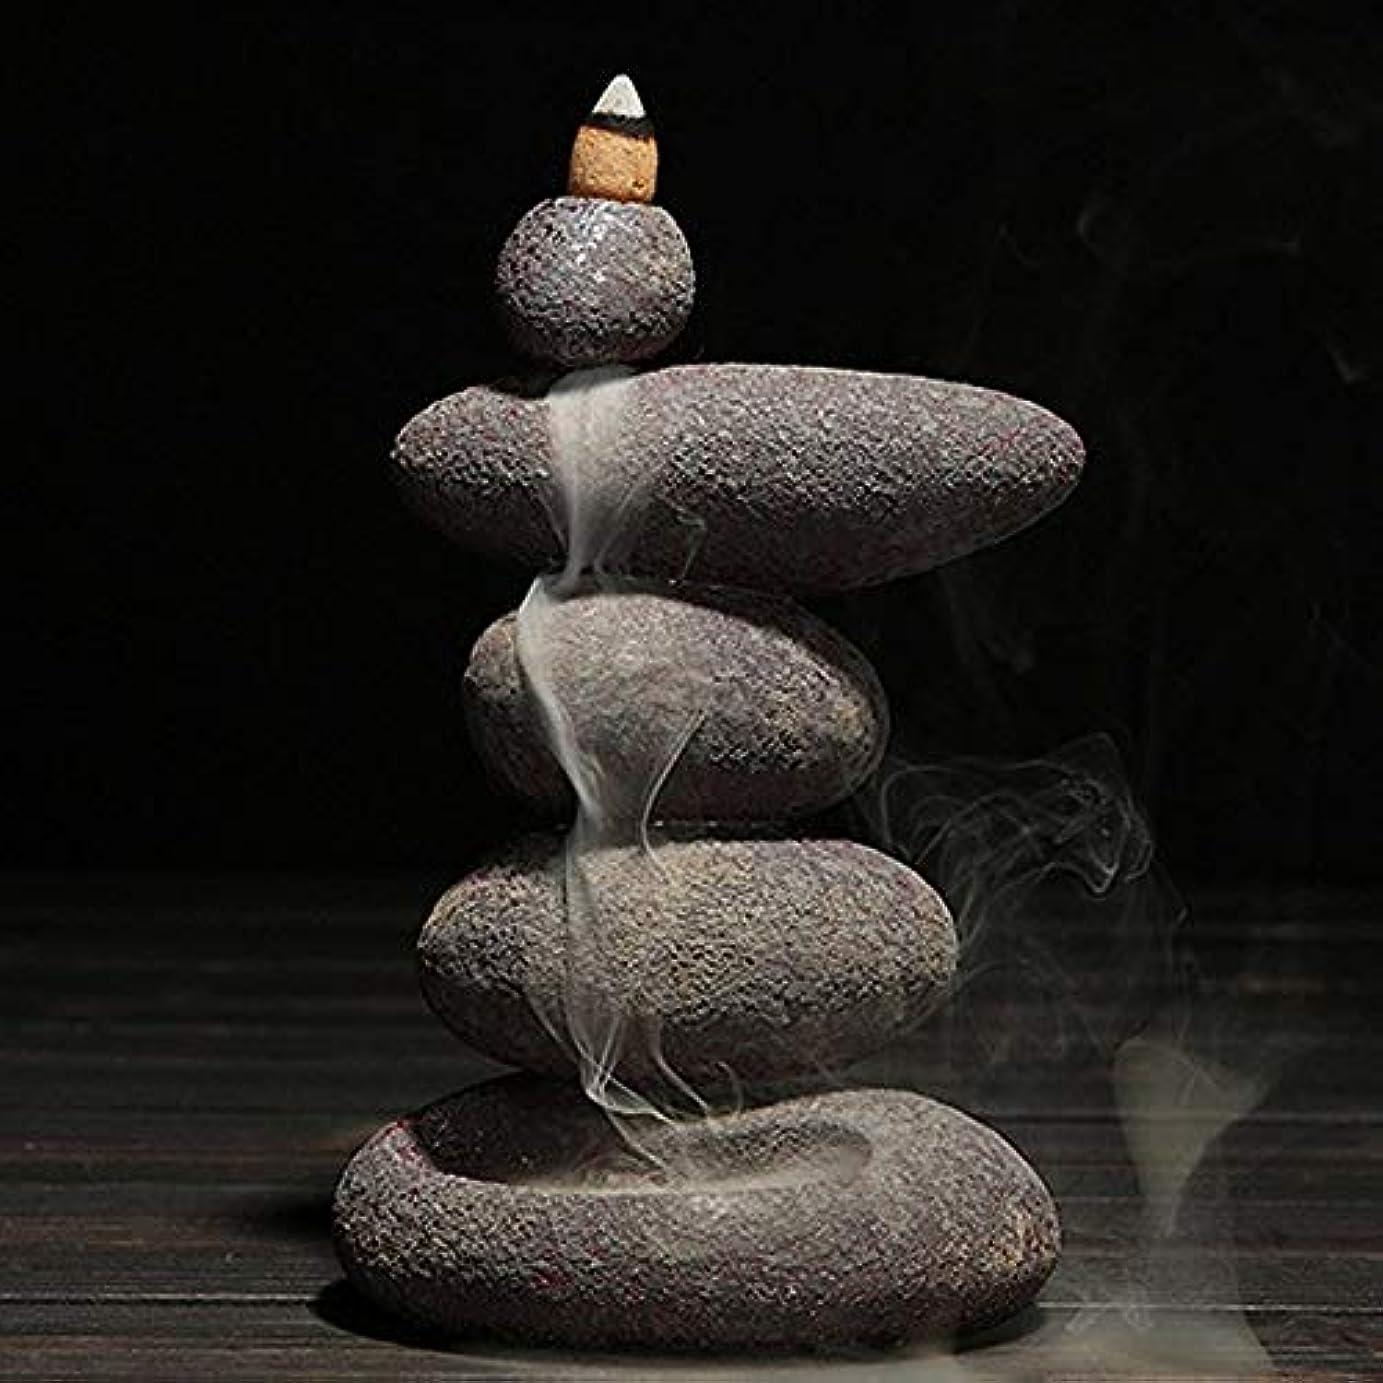 提案するアレイ面積お香 20個入り セラミック 香炉 逆流香 装飾レトロ 禅 仏教 アロマ リラクゼーション